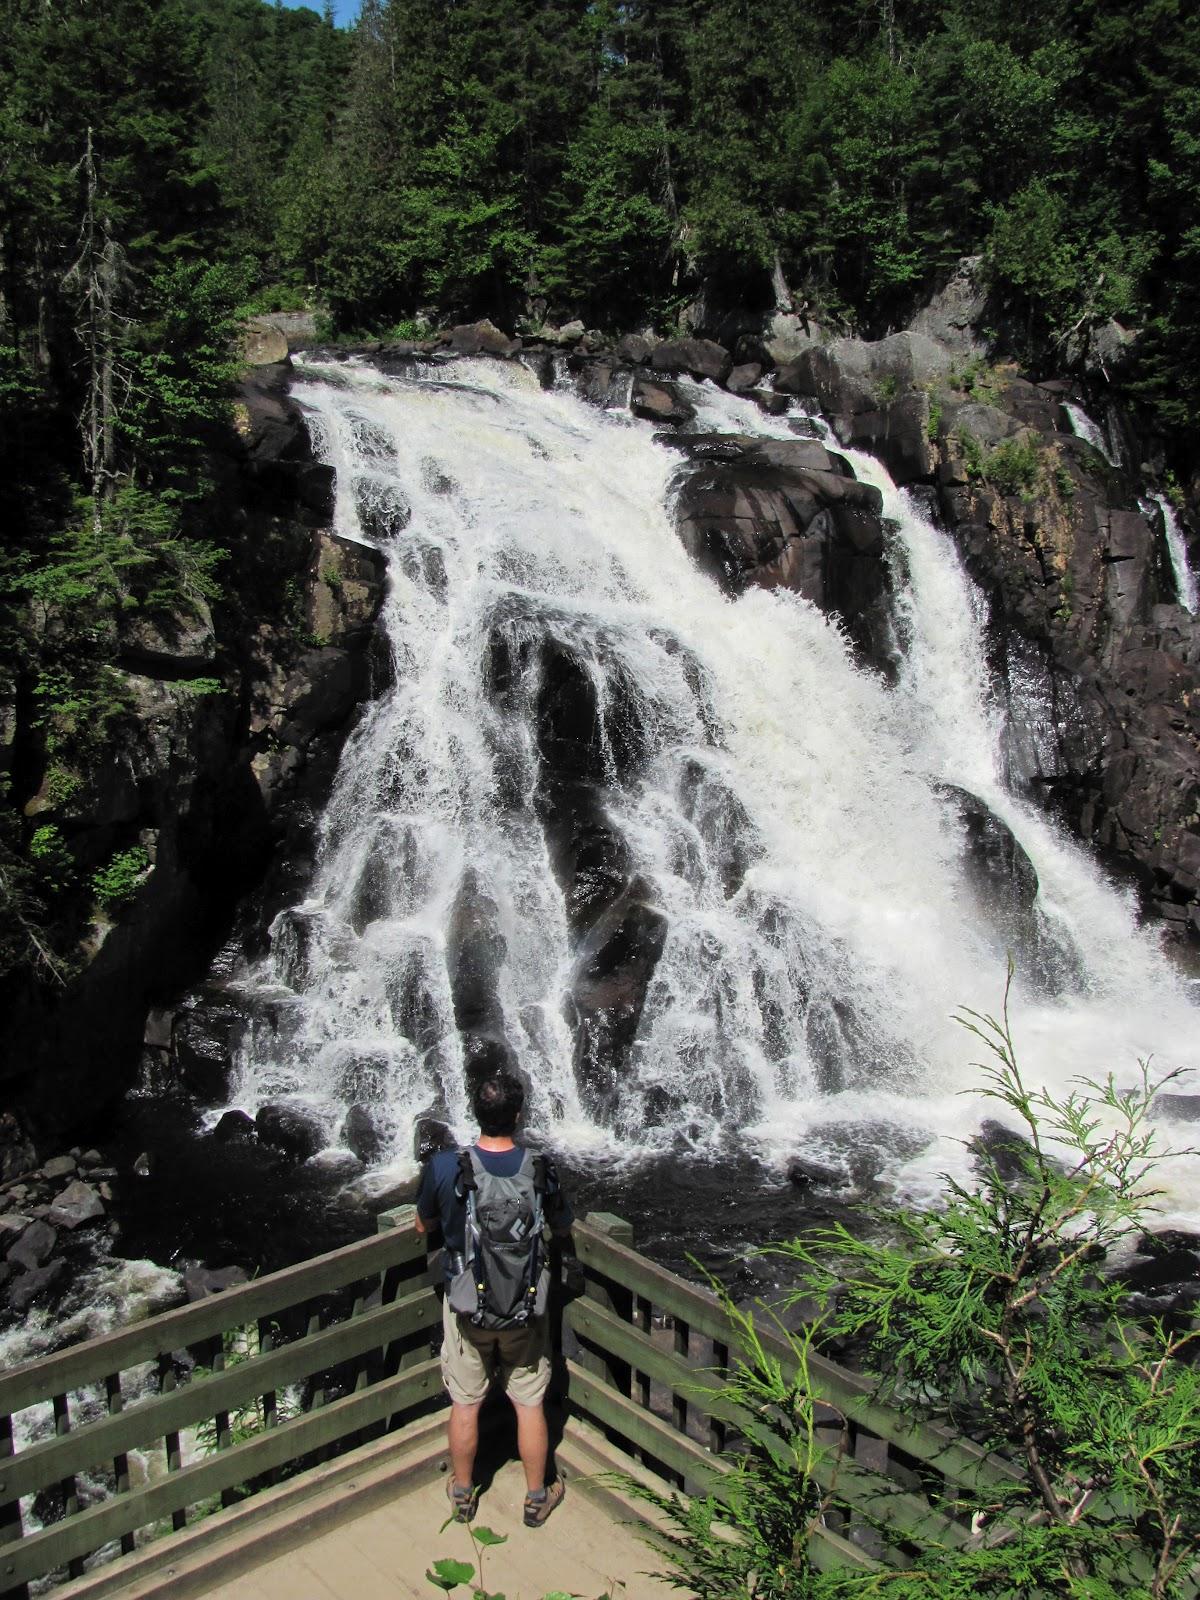 mont tremblant national park